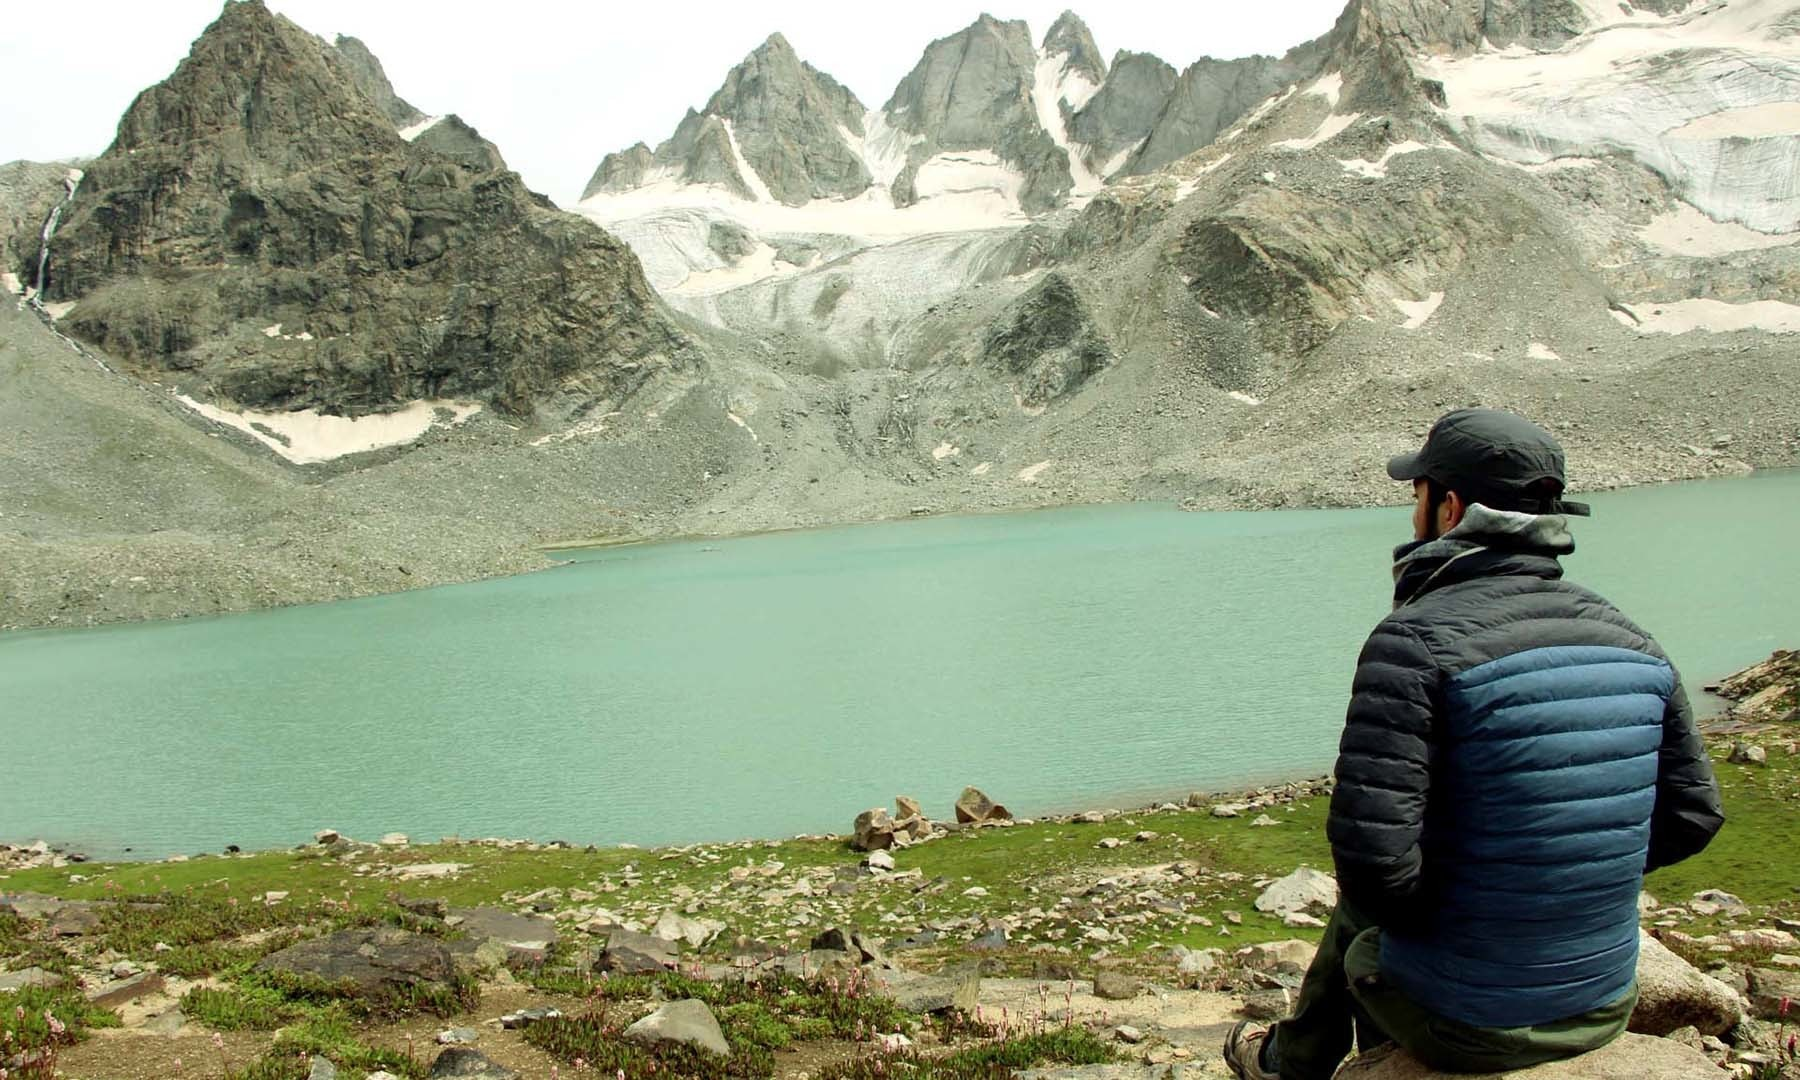 مقامی ٹریکر، مشروم جھیل کے پُرسکون ماحول کا لطف اٹھا رہا ہے